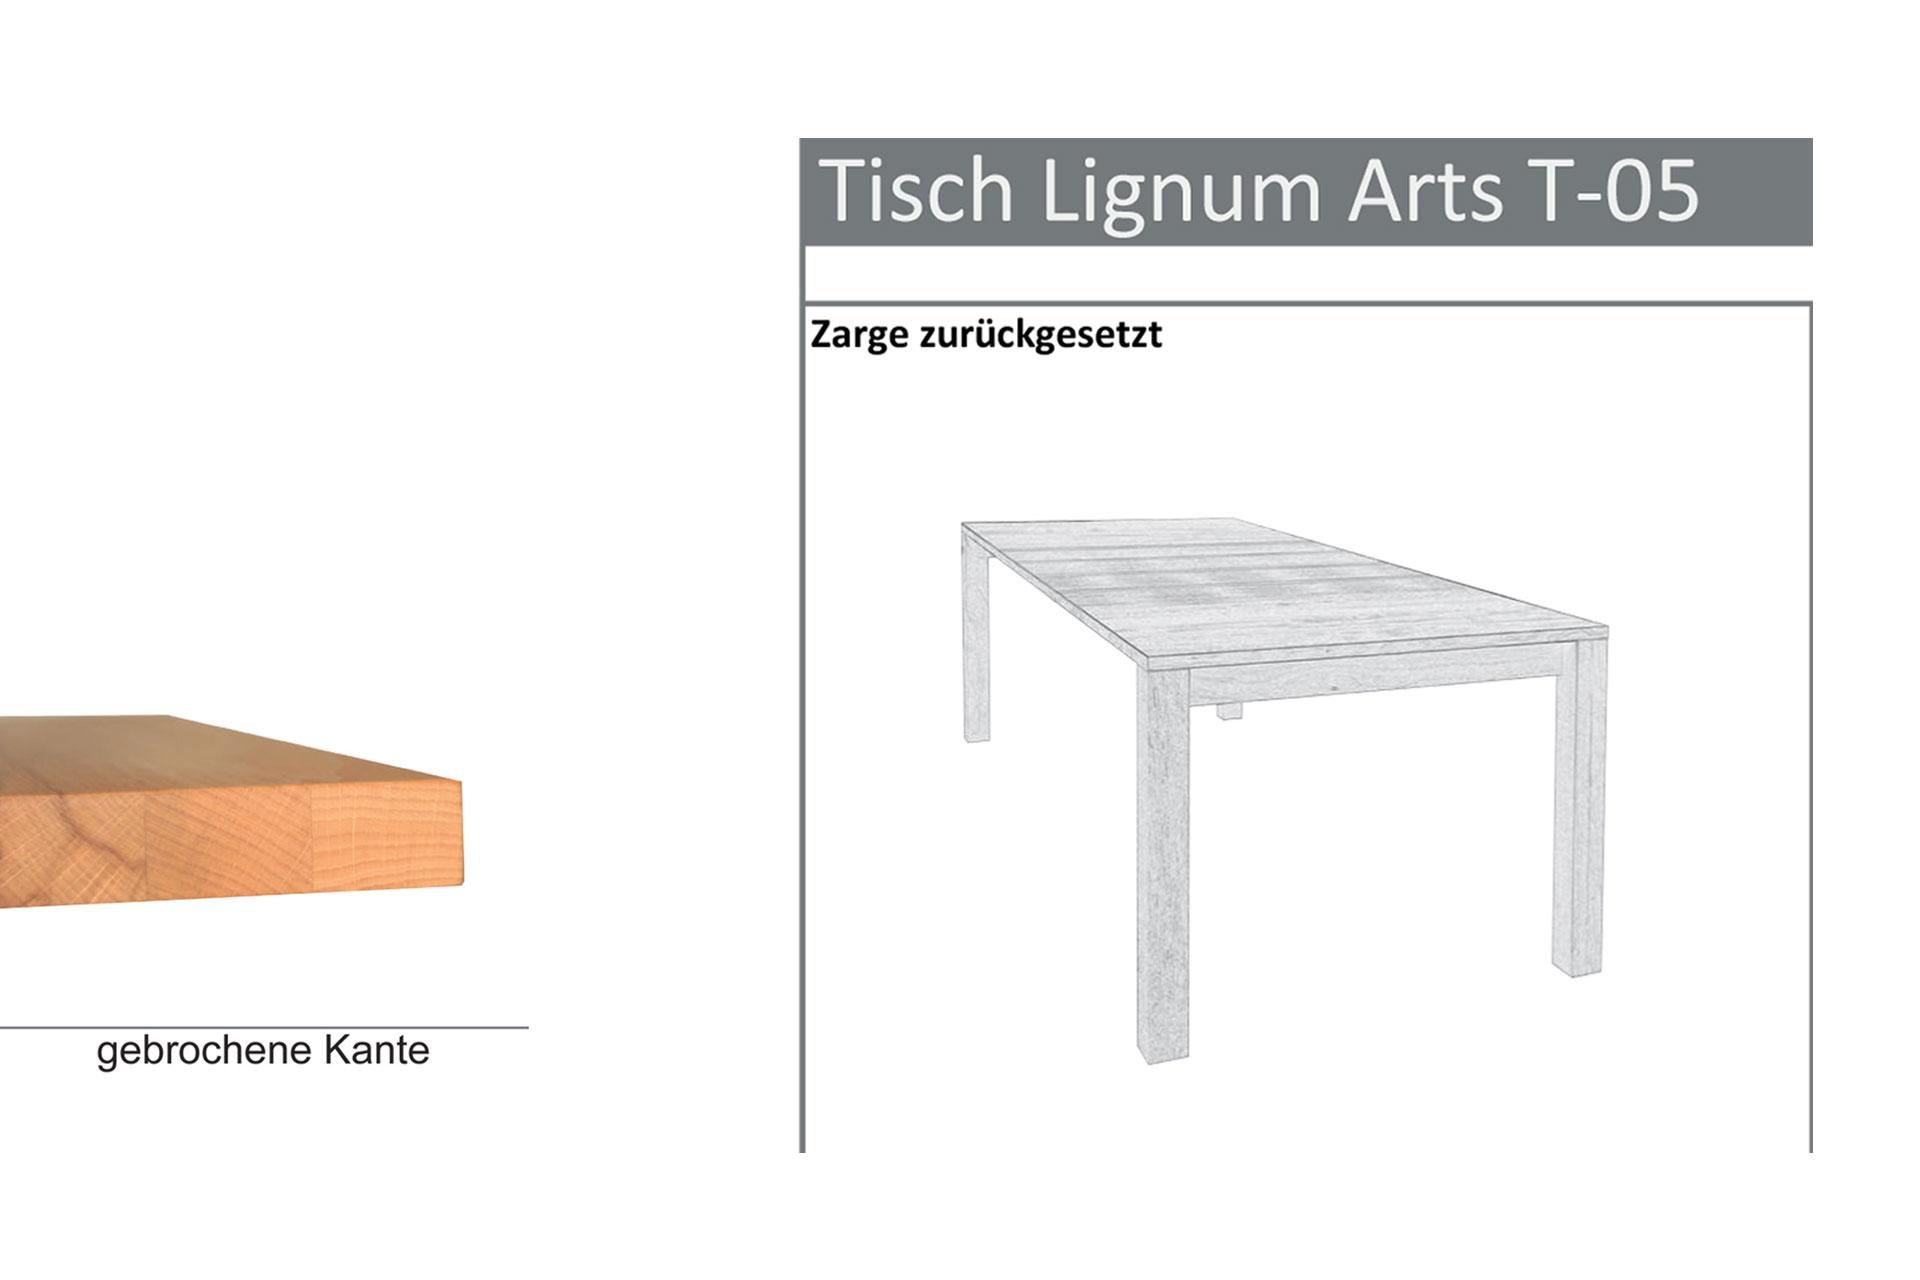 Tischtyp Lignum Arts T-05